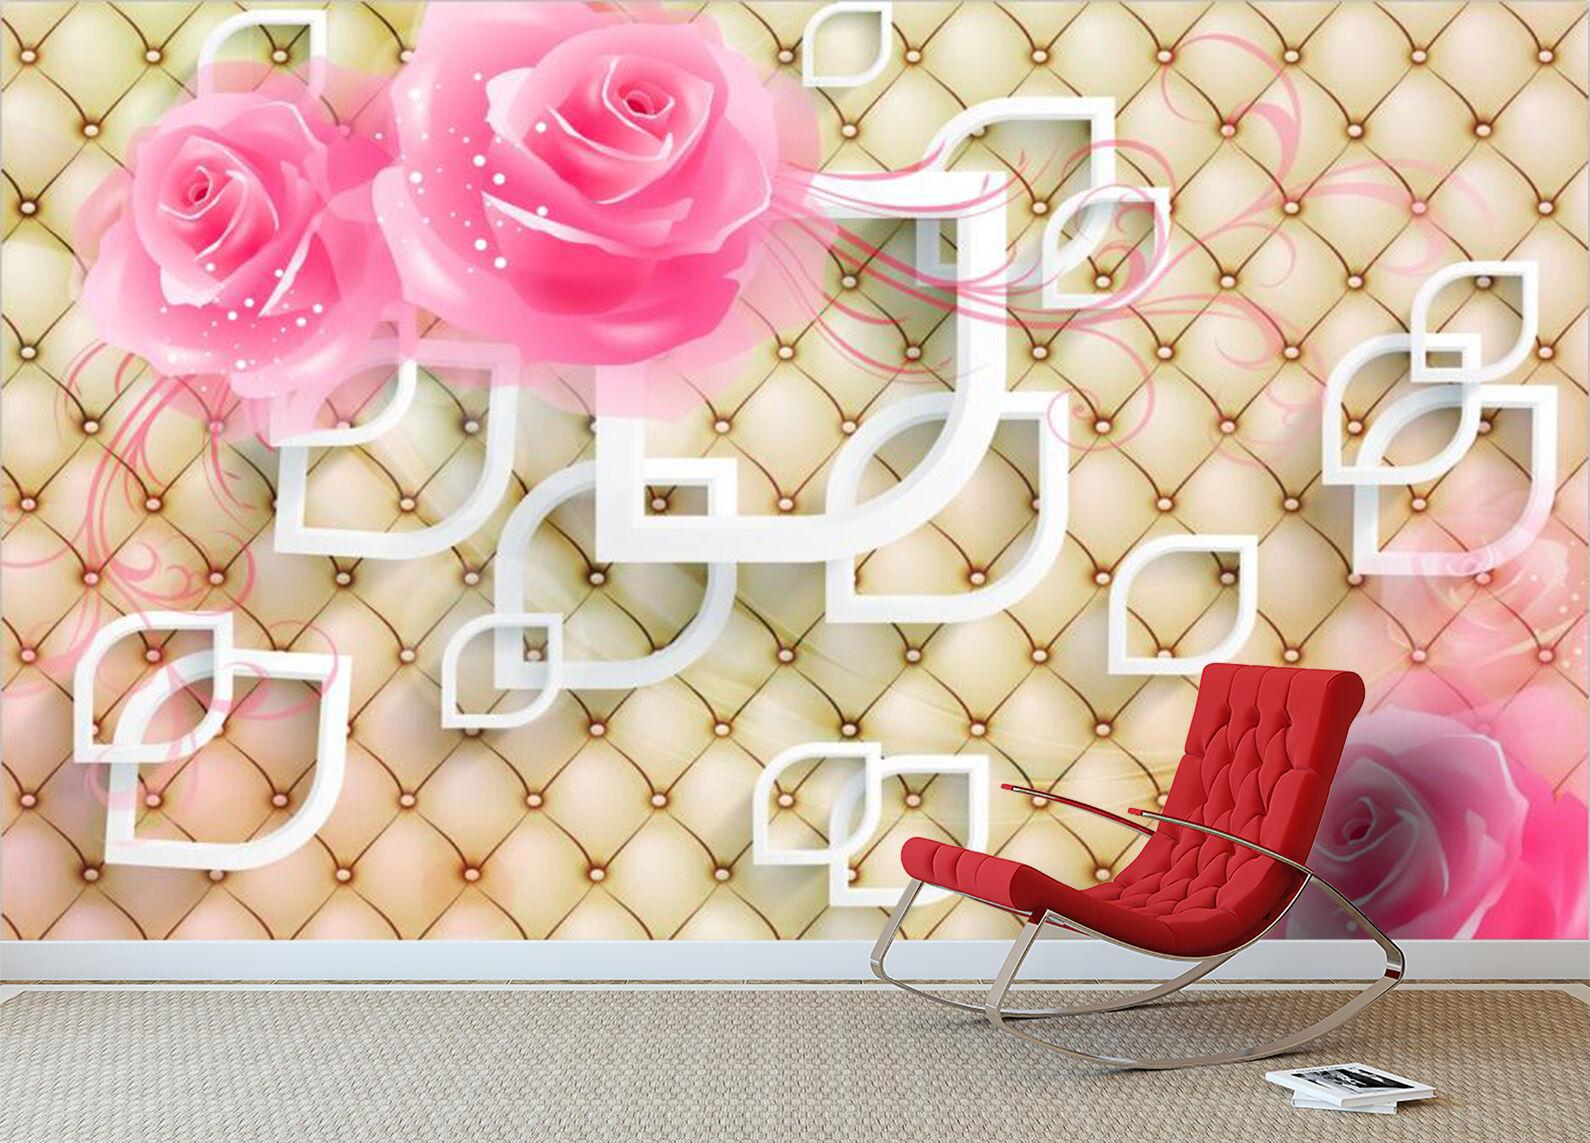 3D Fiori forma 3 Parete Murale Foto Carta da parati immagine sfondo muro stampa